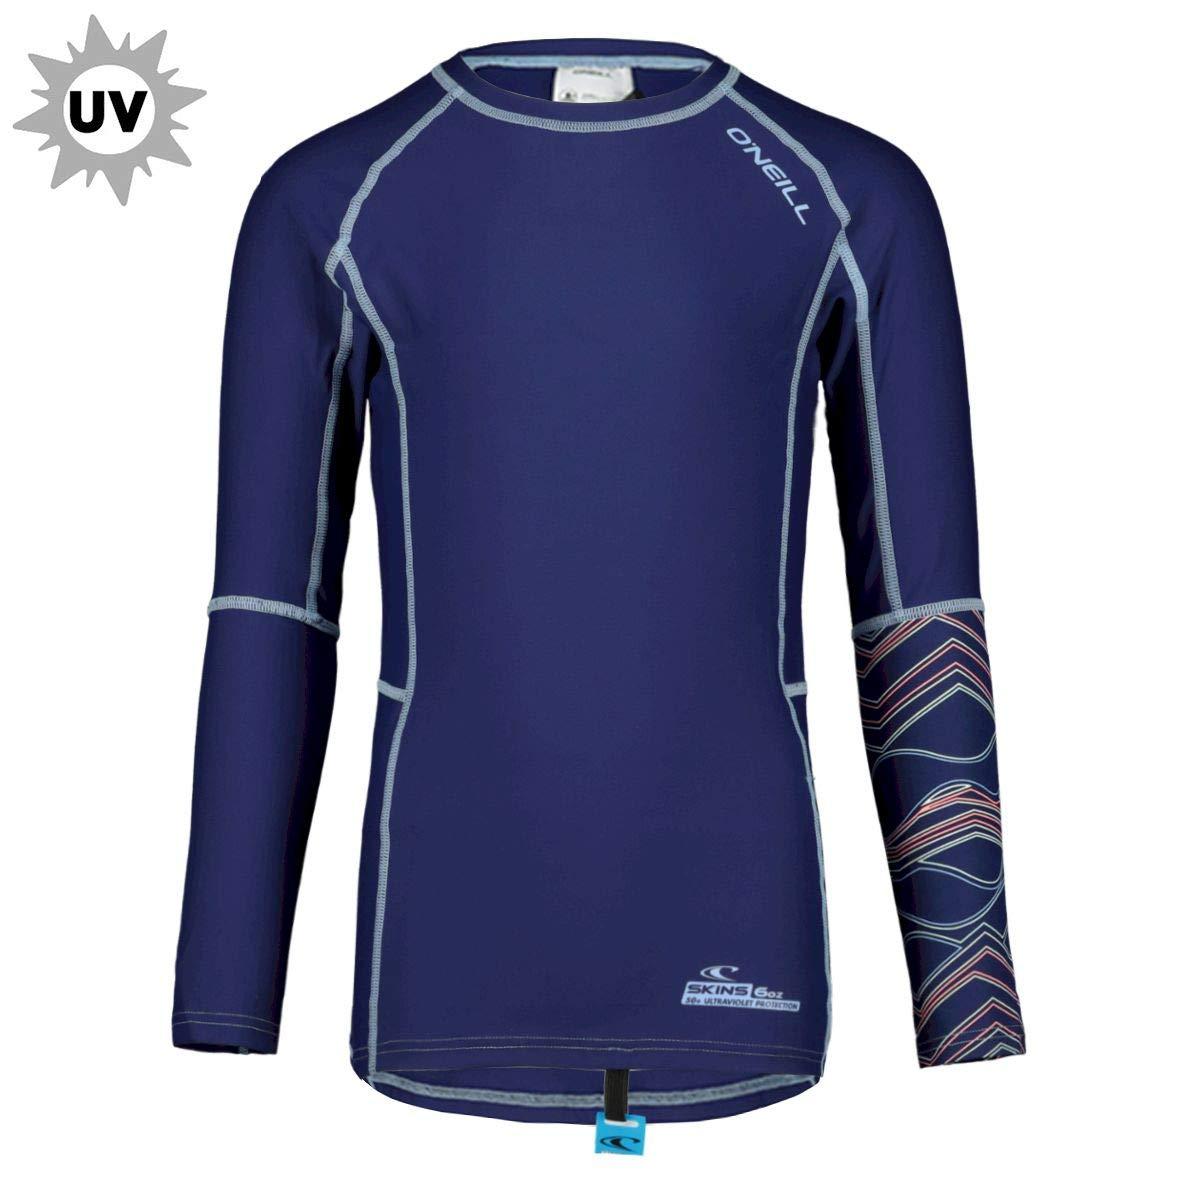 ONEILL Lycra LS Youth - Camiseta de Lycra para niño, Talla 10: Amazon.es: Deportes y aire libre